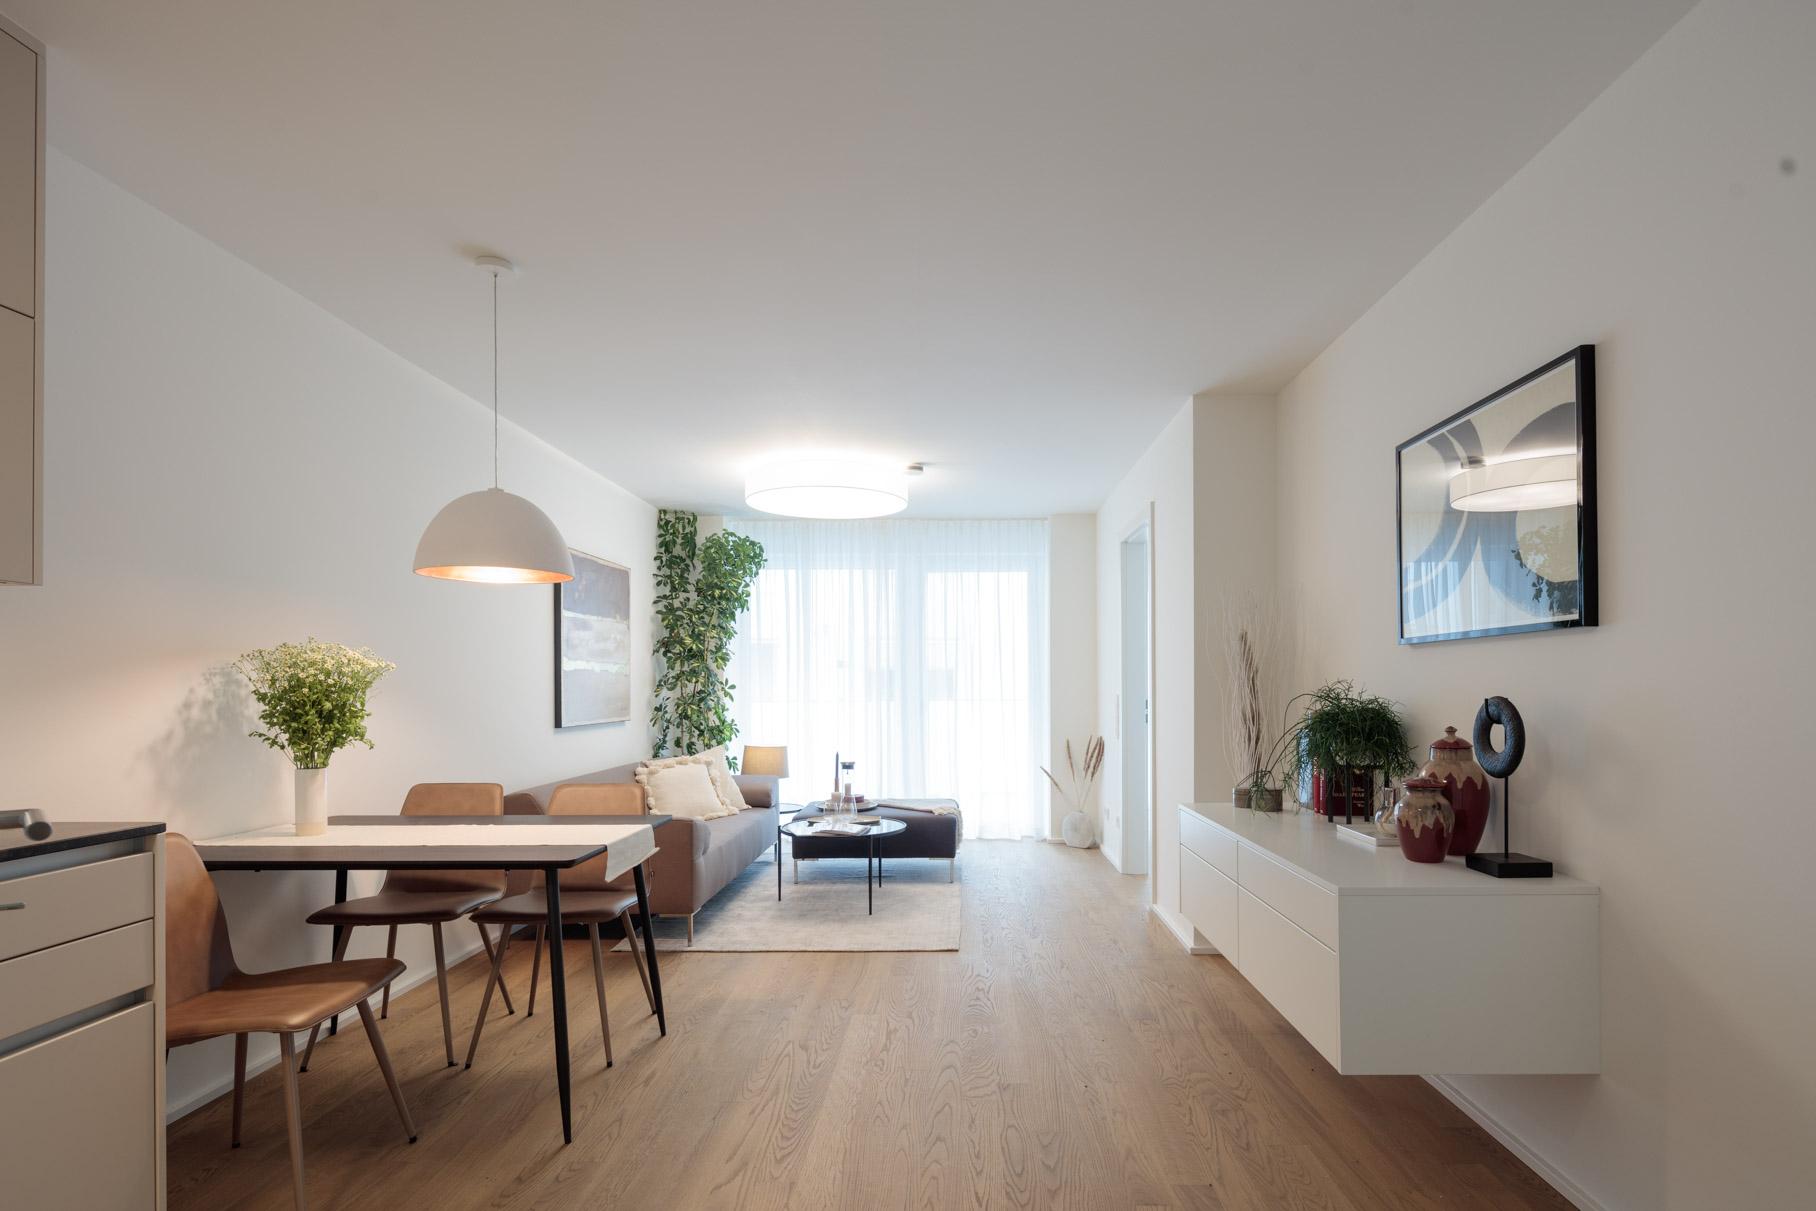 Wohnzimmer mit grauem Sofa